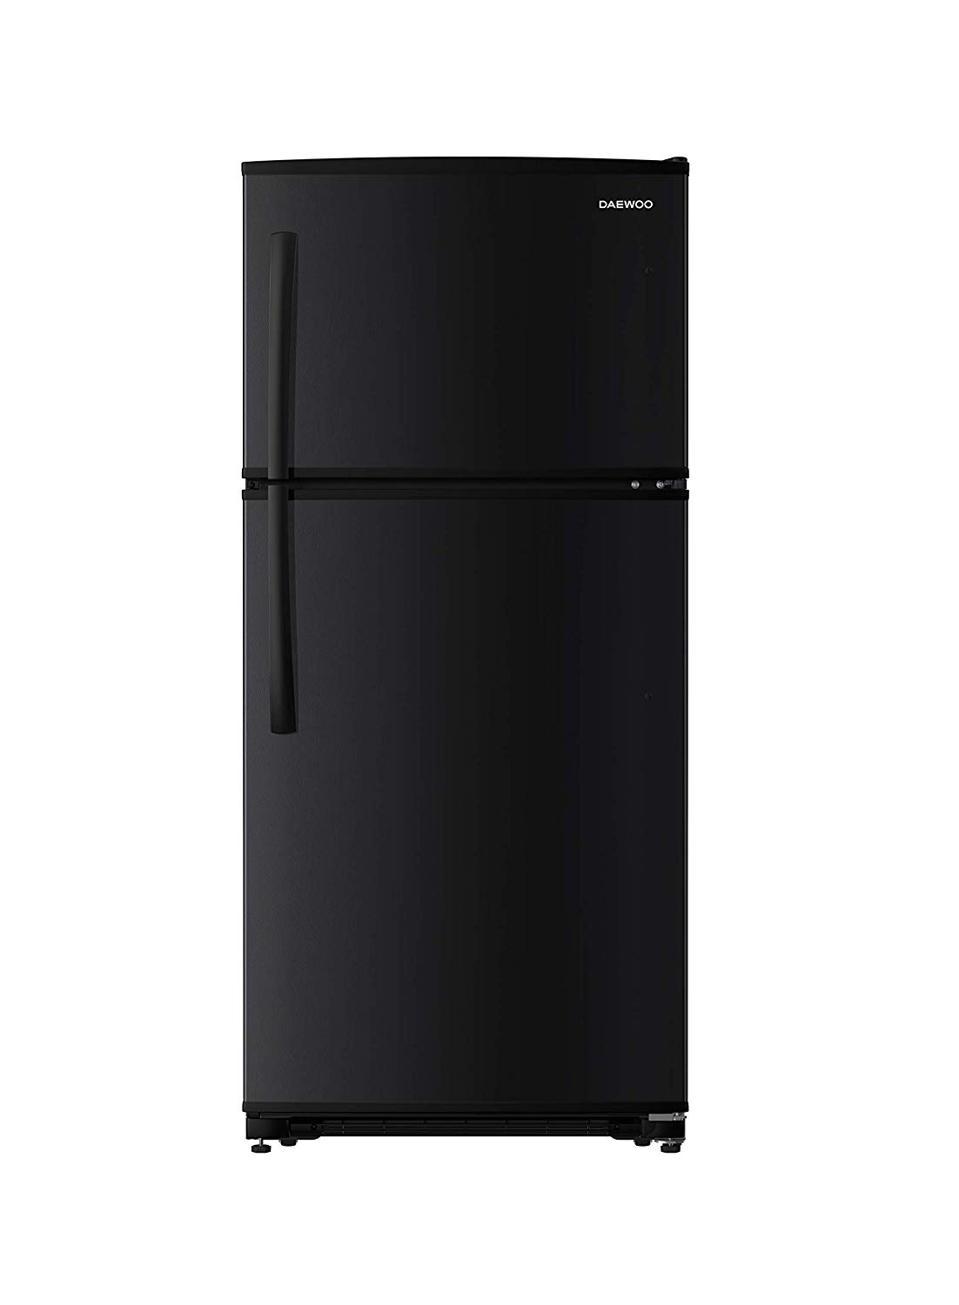 Best Top Freezer Refrigerators 2020.The Best Top Mount Freezer Refrigerators Of 2019